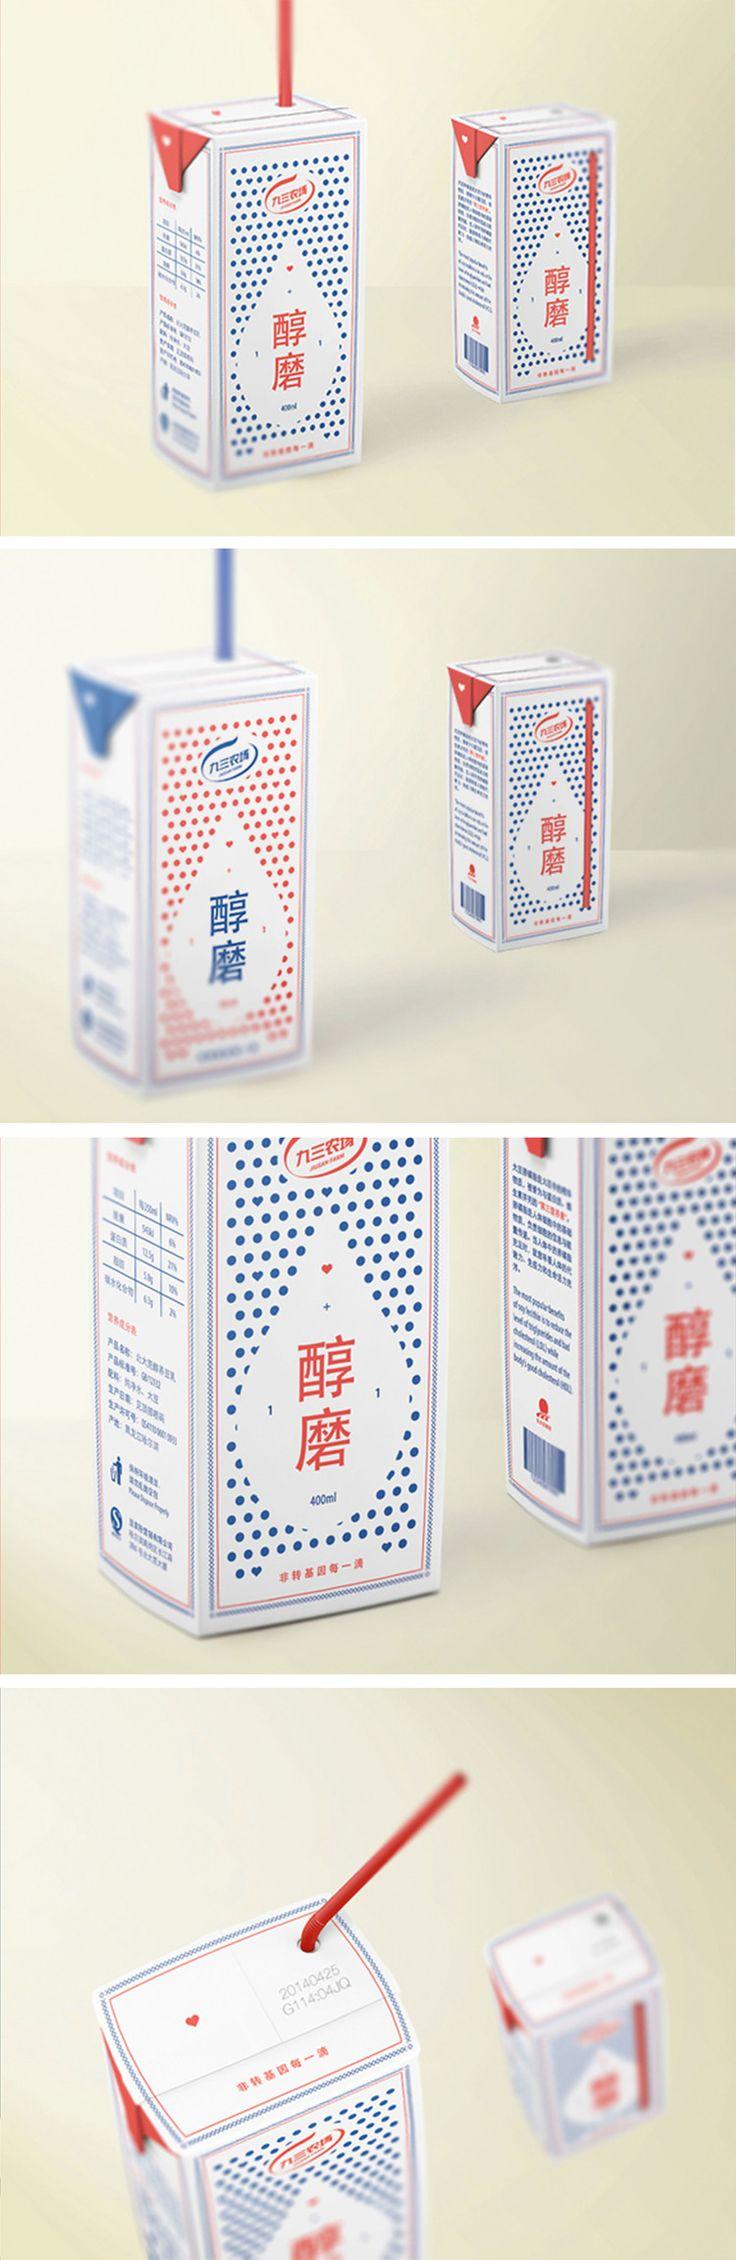 Cute packaging design, gullig förpackningsdesign